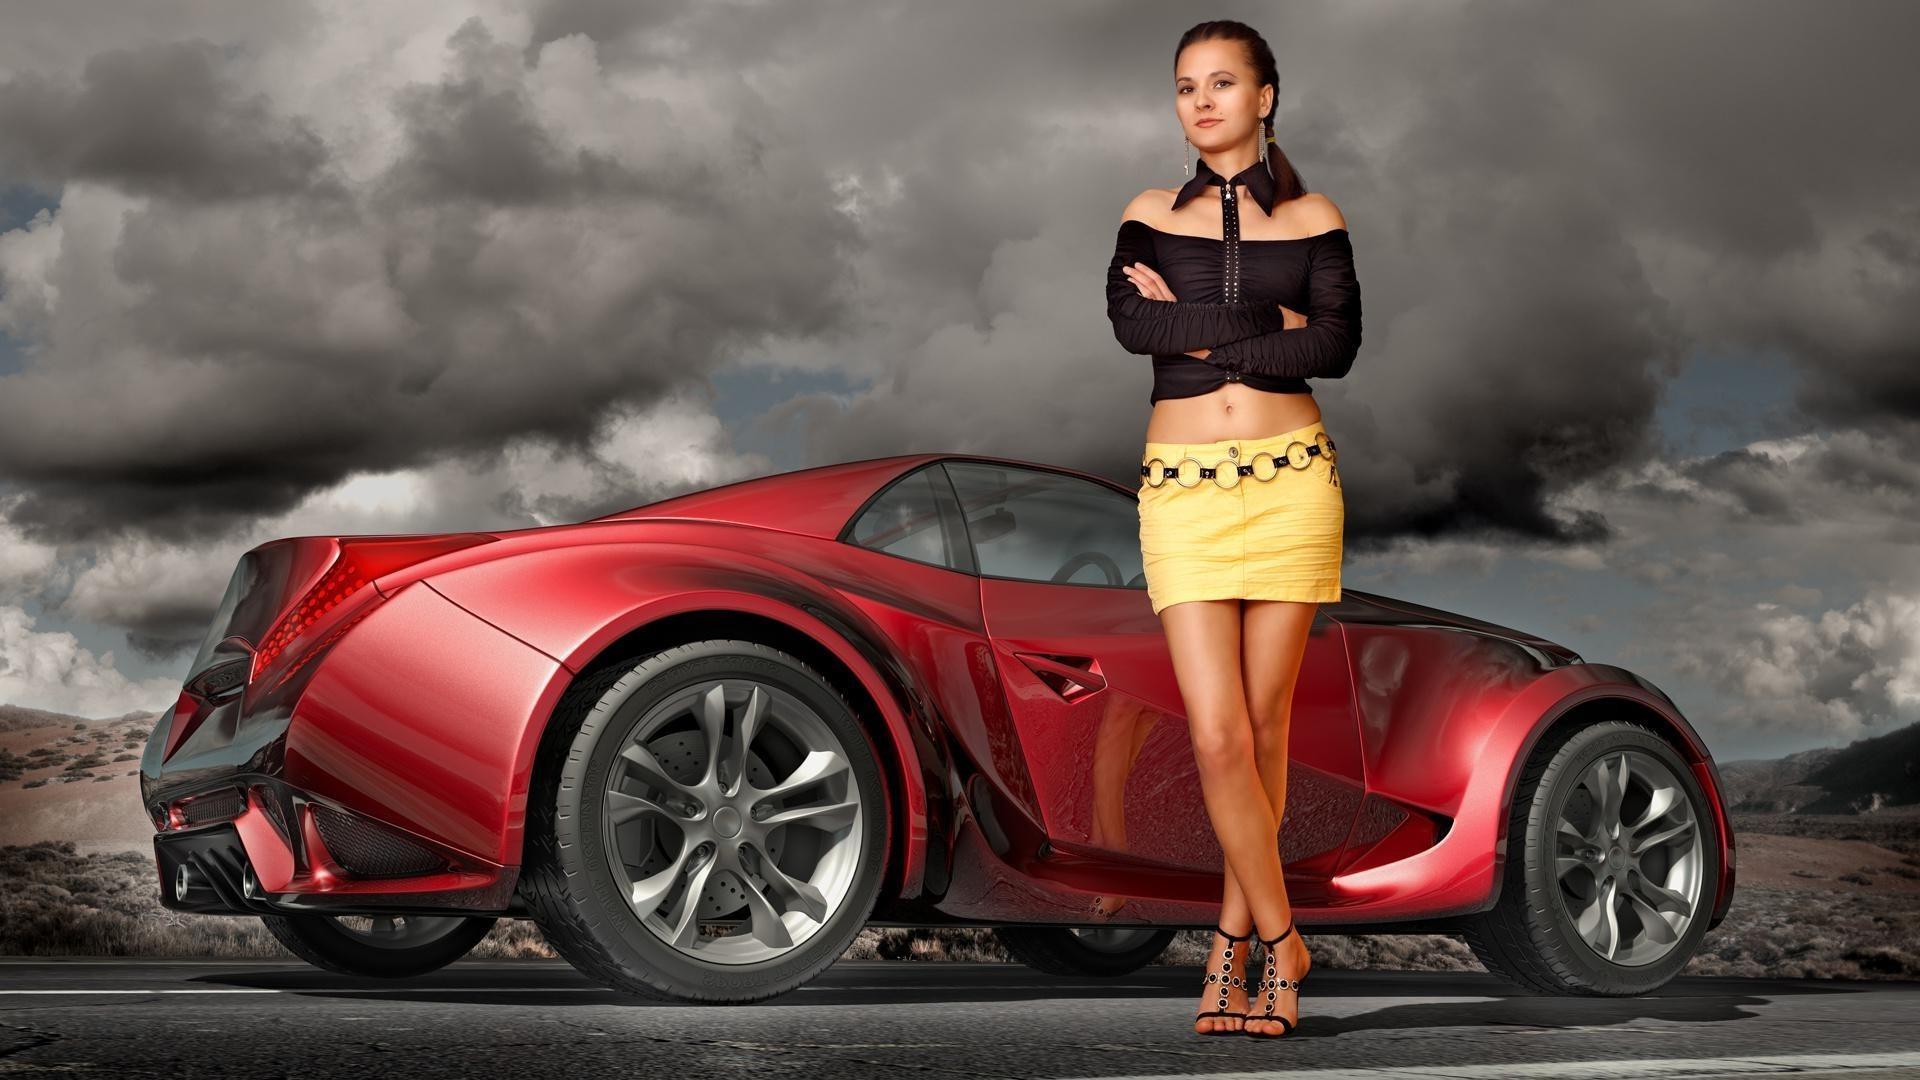 Днем вдв, красивые машины картинки для девушек